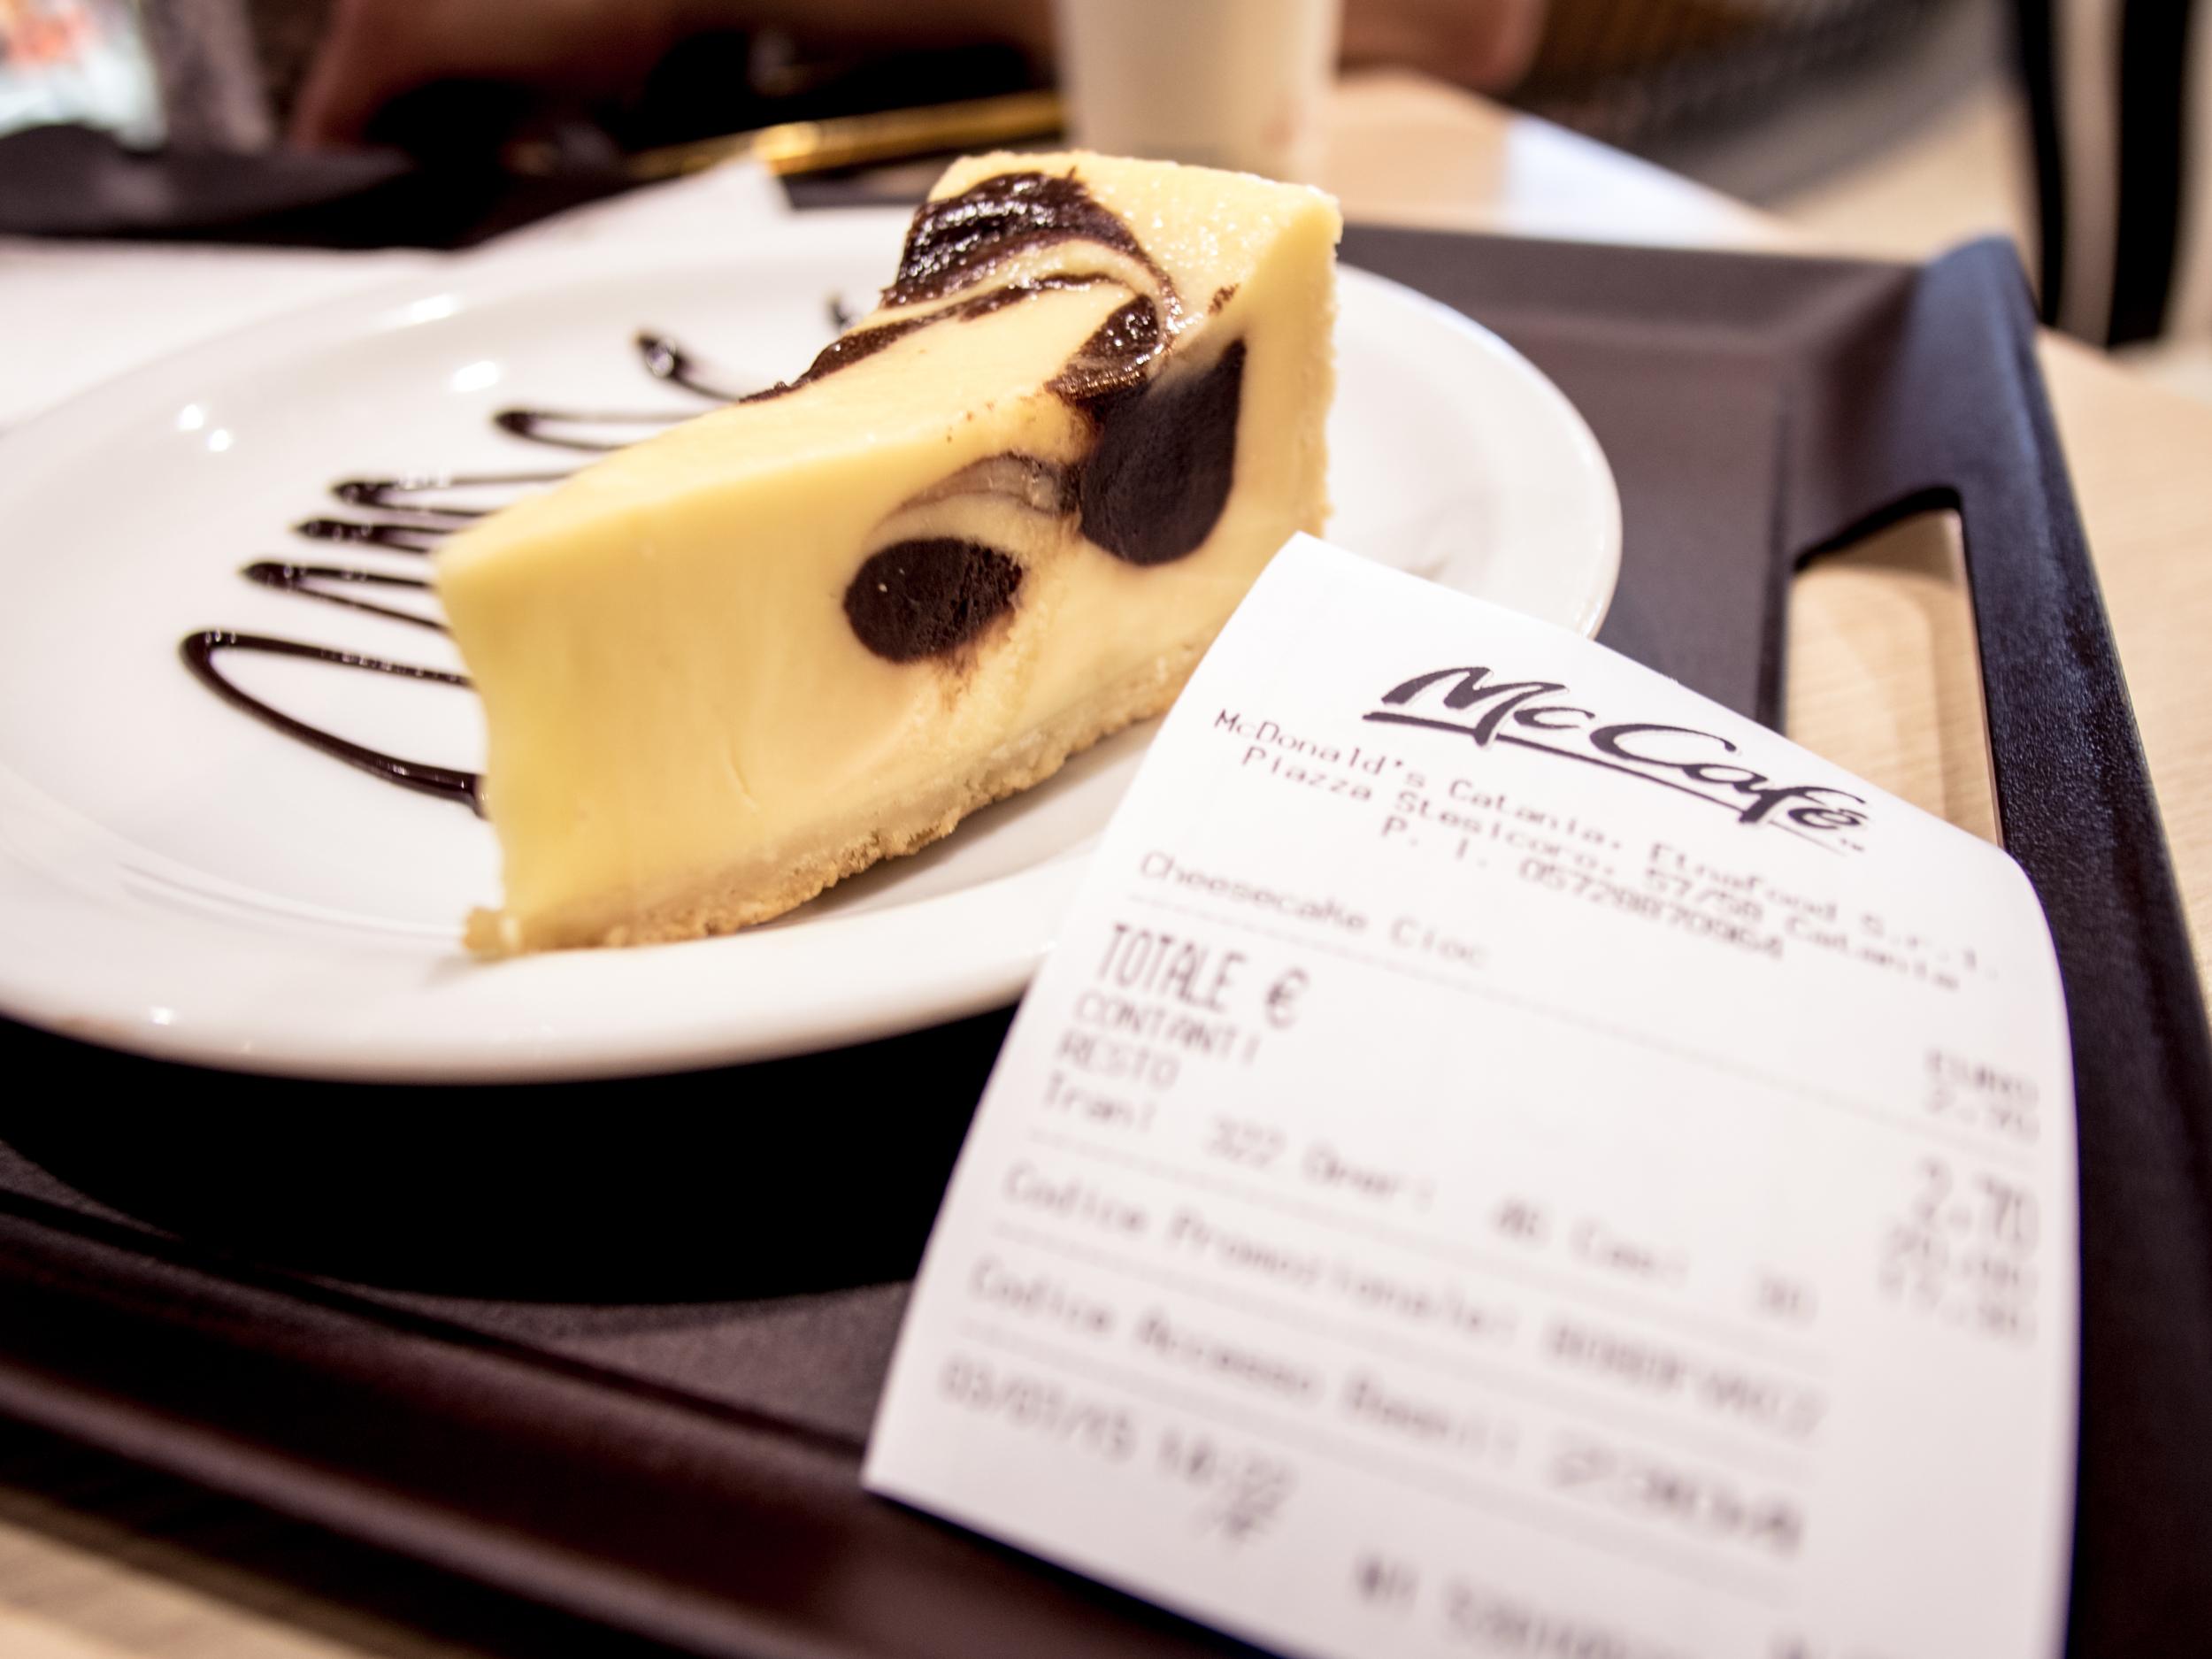 McDonalds cheesecake... yup